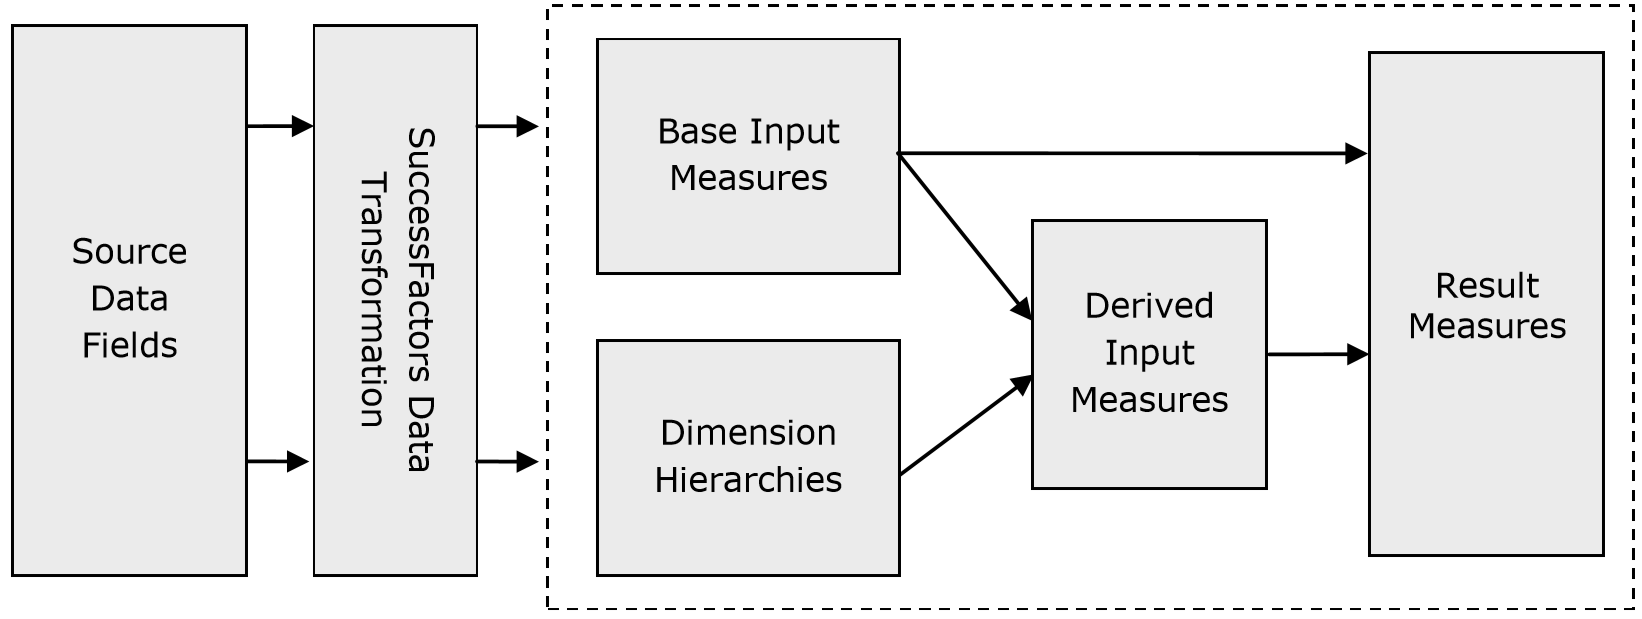 Workforce Analytics Module in SAP SuccessFactors – Part 6 | iProCon